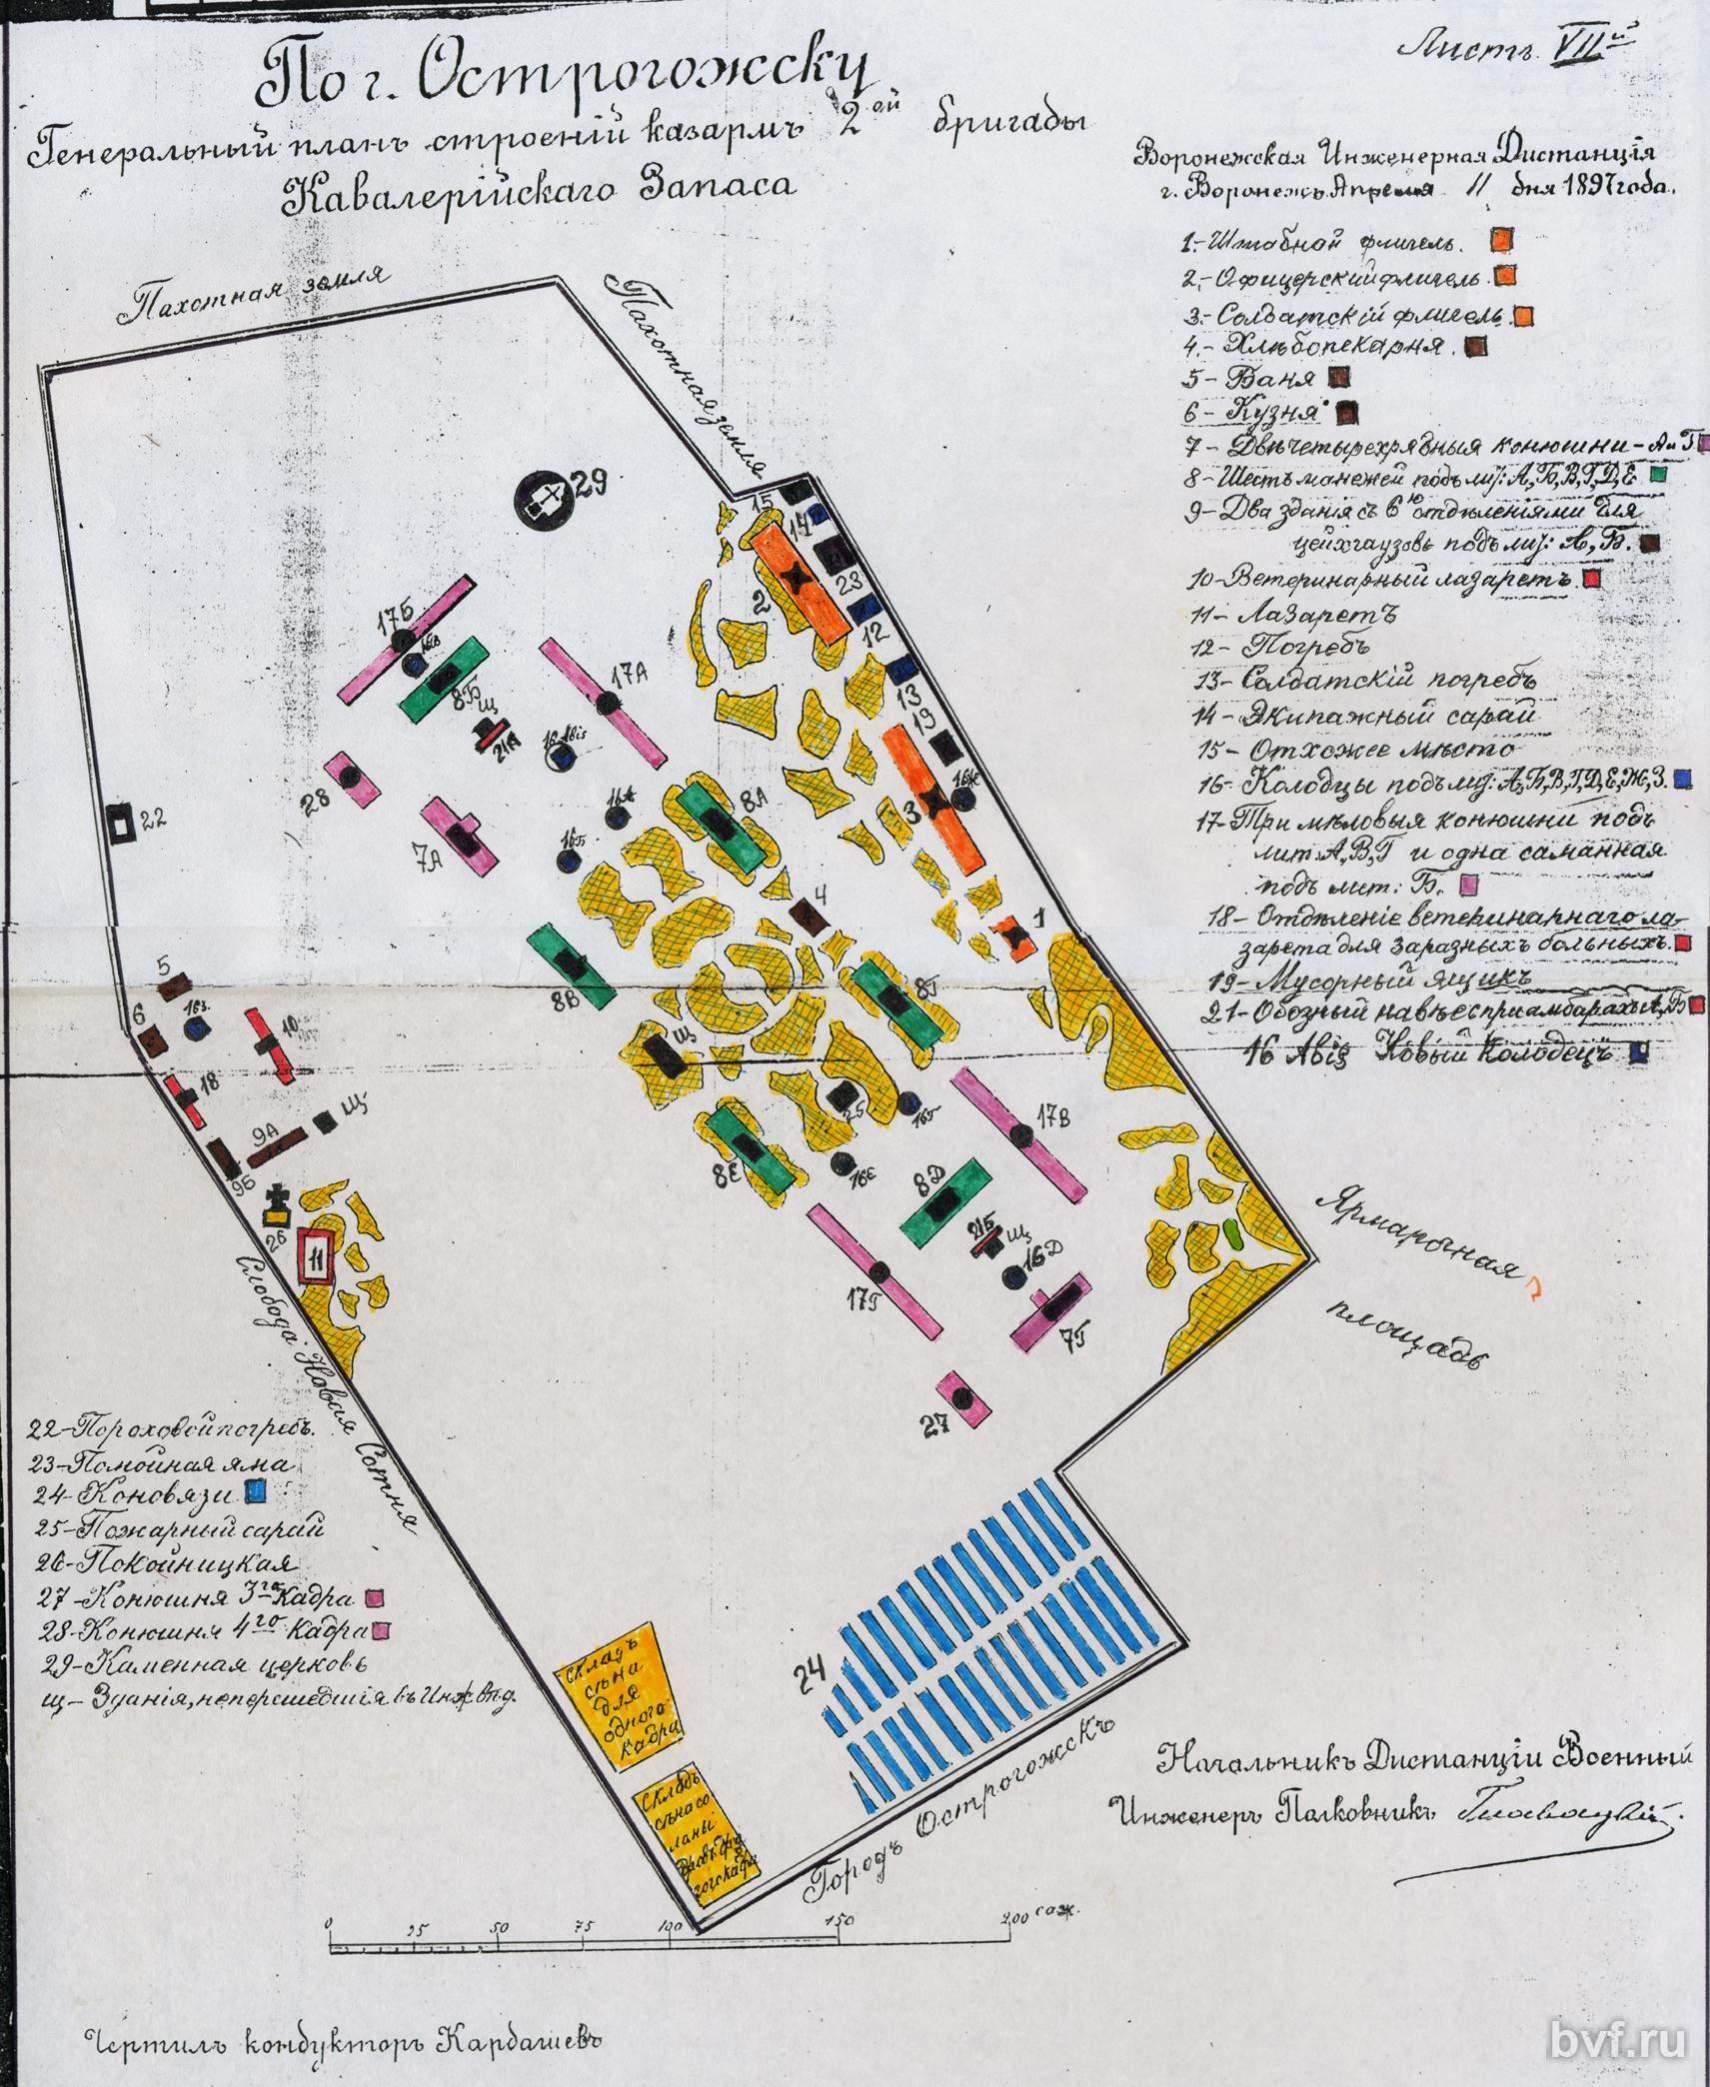 Нажмите на изображение для увеличения Название: План 2-й бригады Кавалерийского Запаса 1897 год.jpg Просмотров: 92 Размер:421.6 Кб ID:1783717